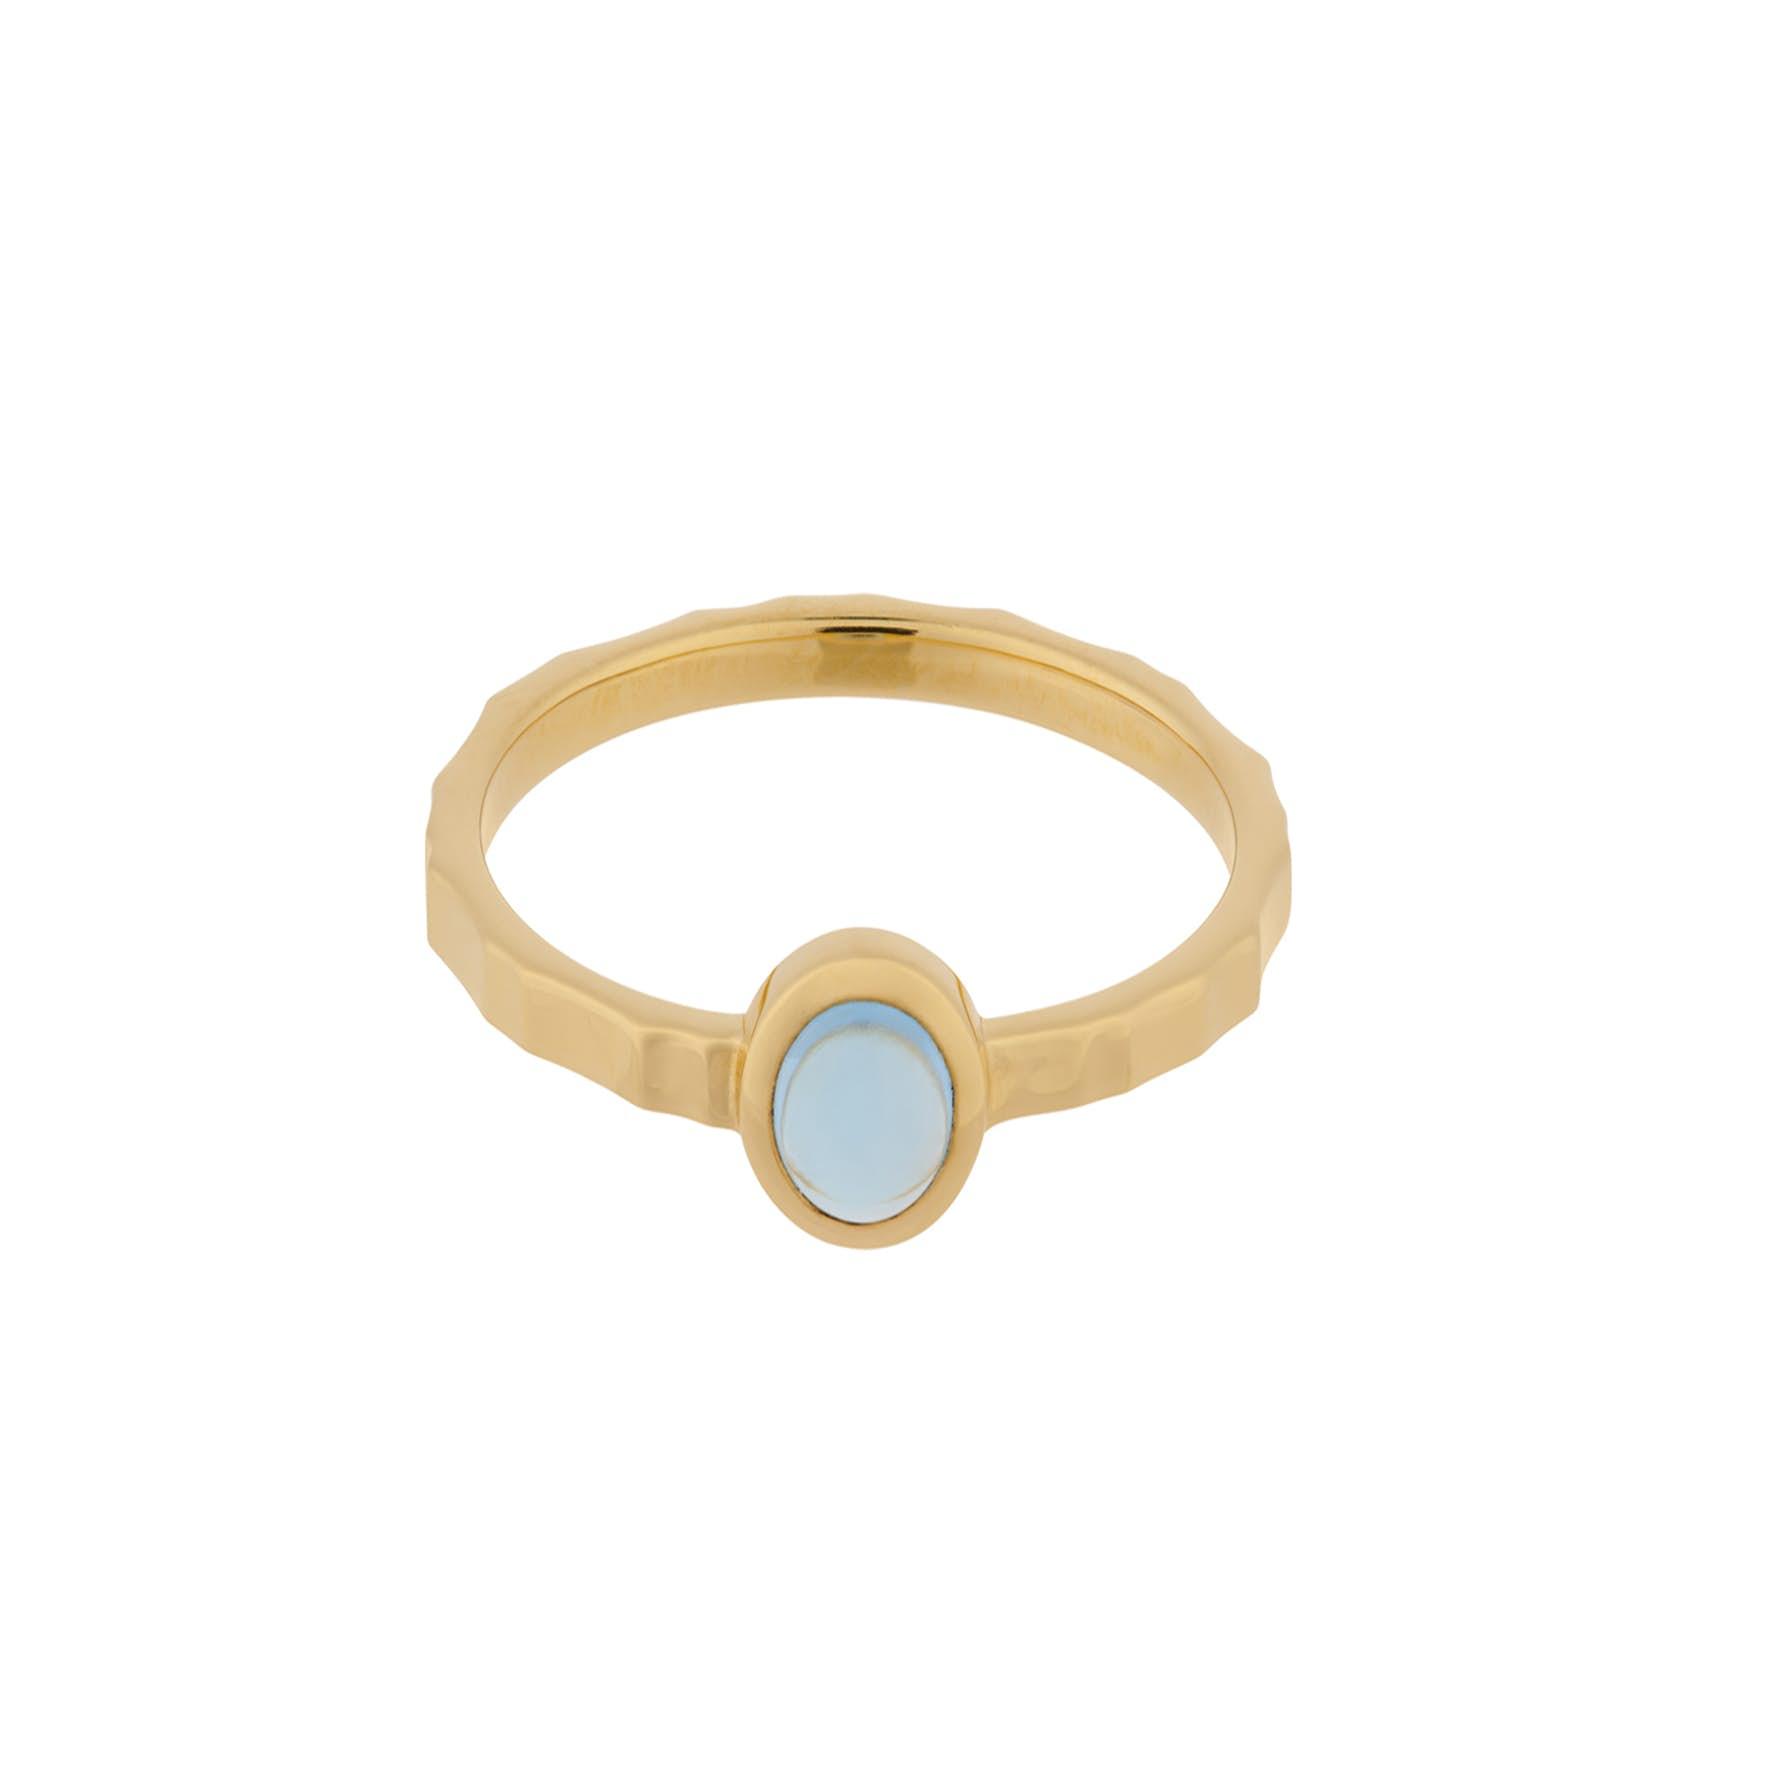 Shine Blue Ring von Pernille Corydon in Vergoldet-Silber Sterling 925